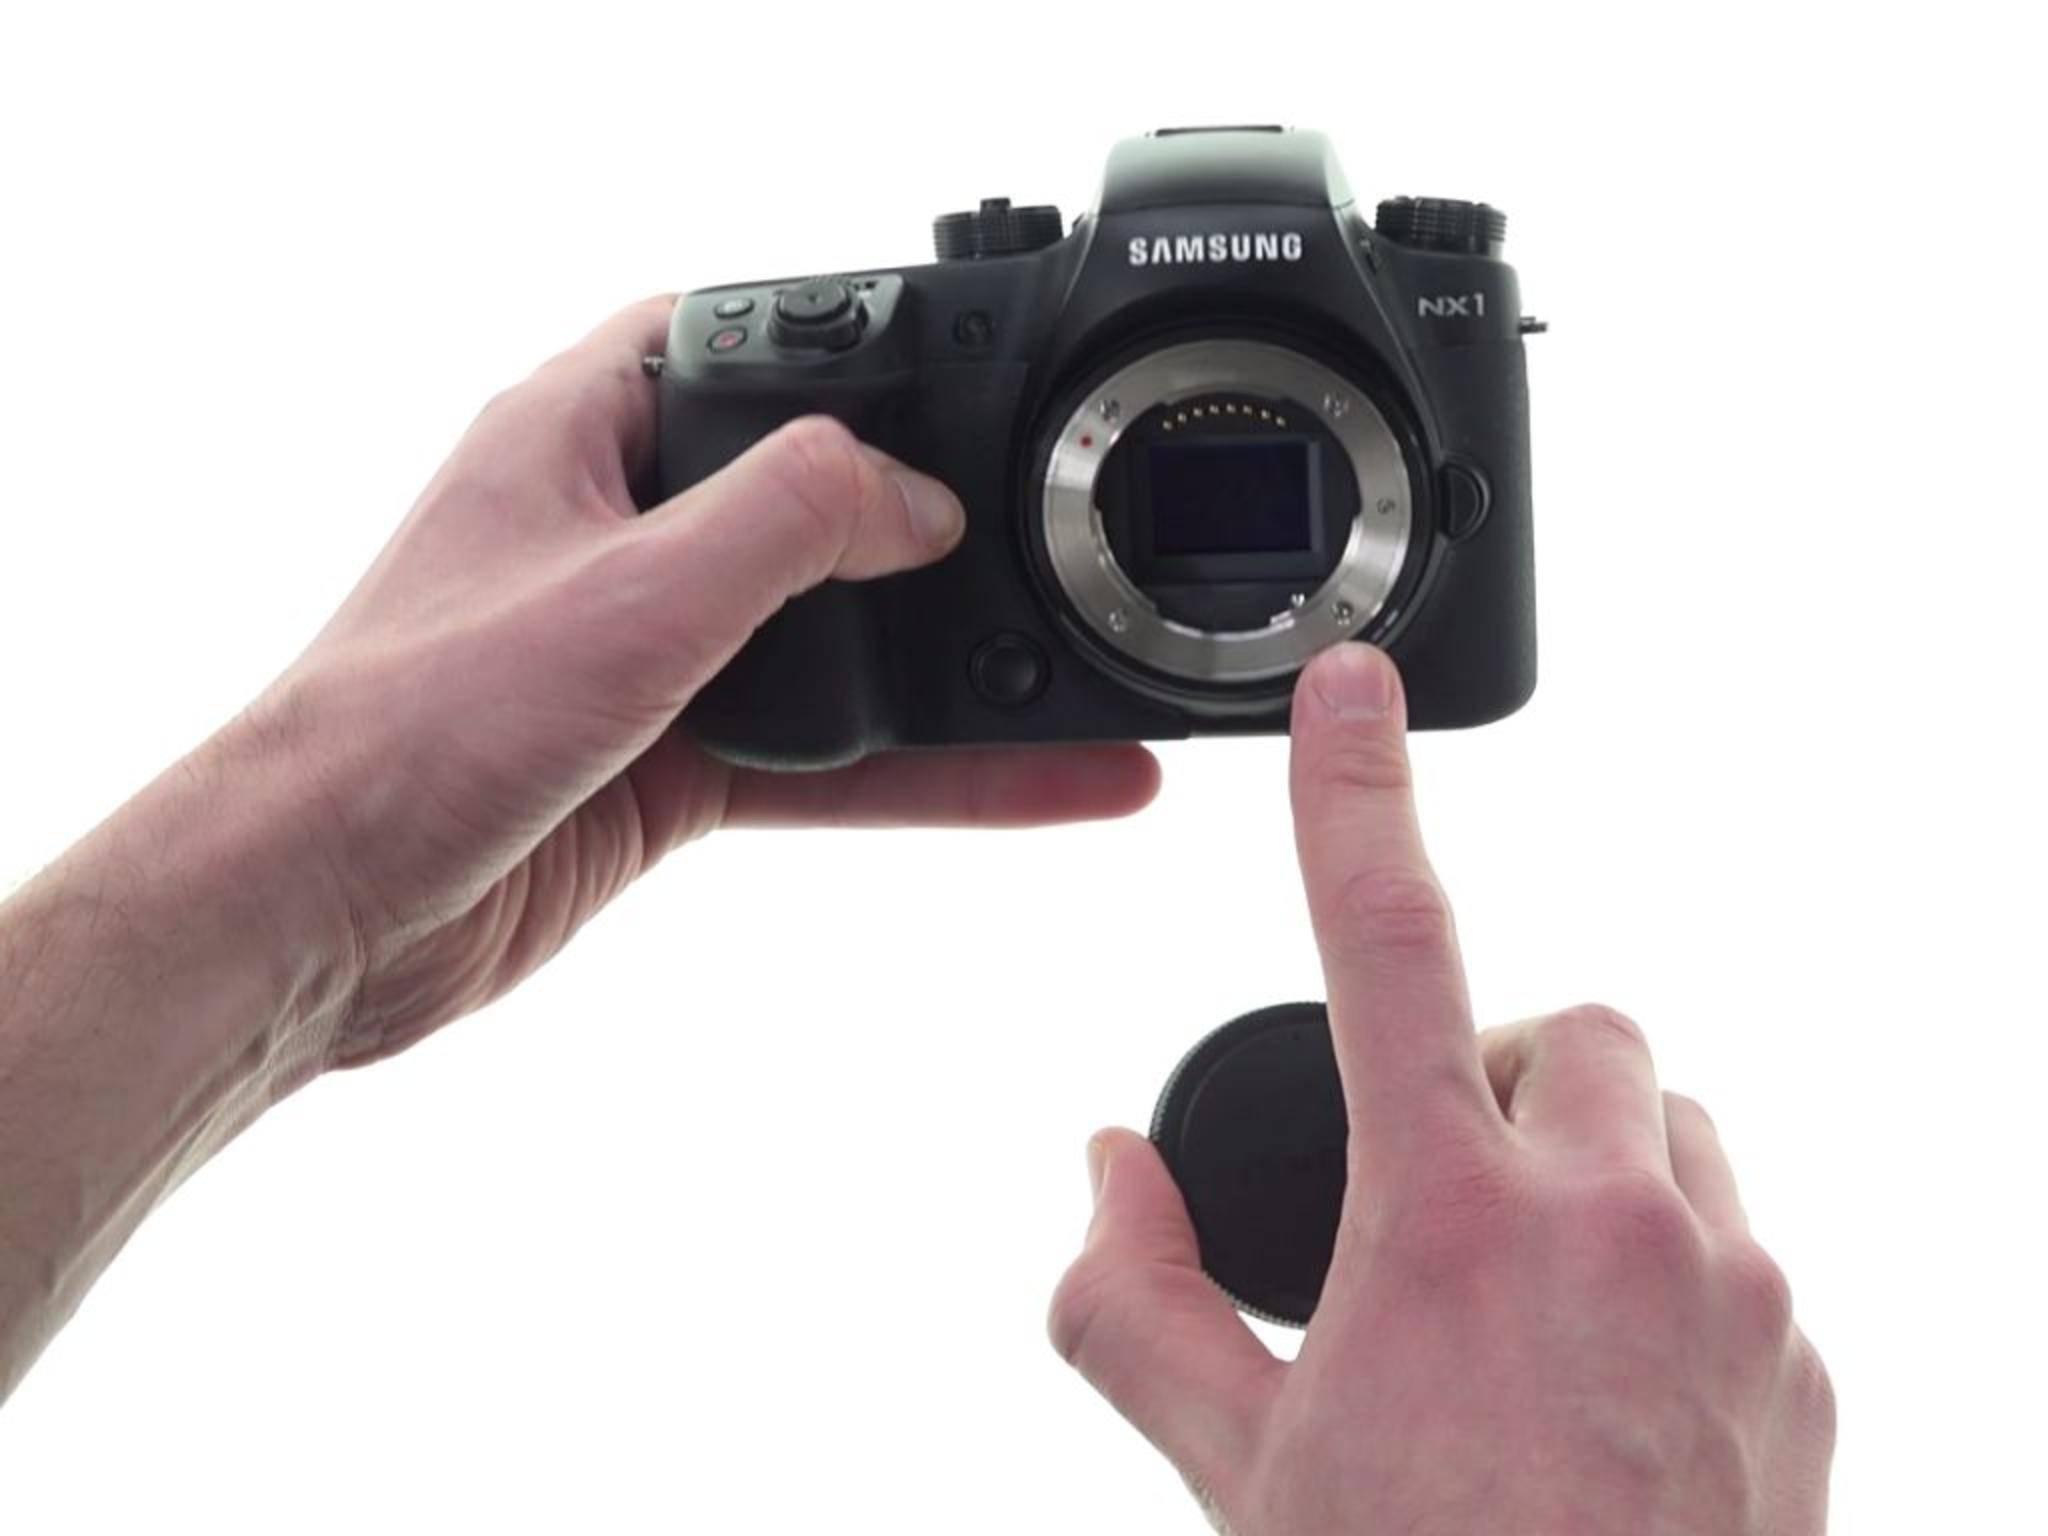 Die Samsung NX1 macht im Unboxing-Video schon einen ganz guten Eindruck.